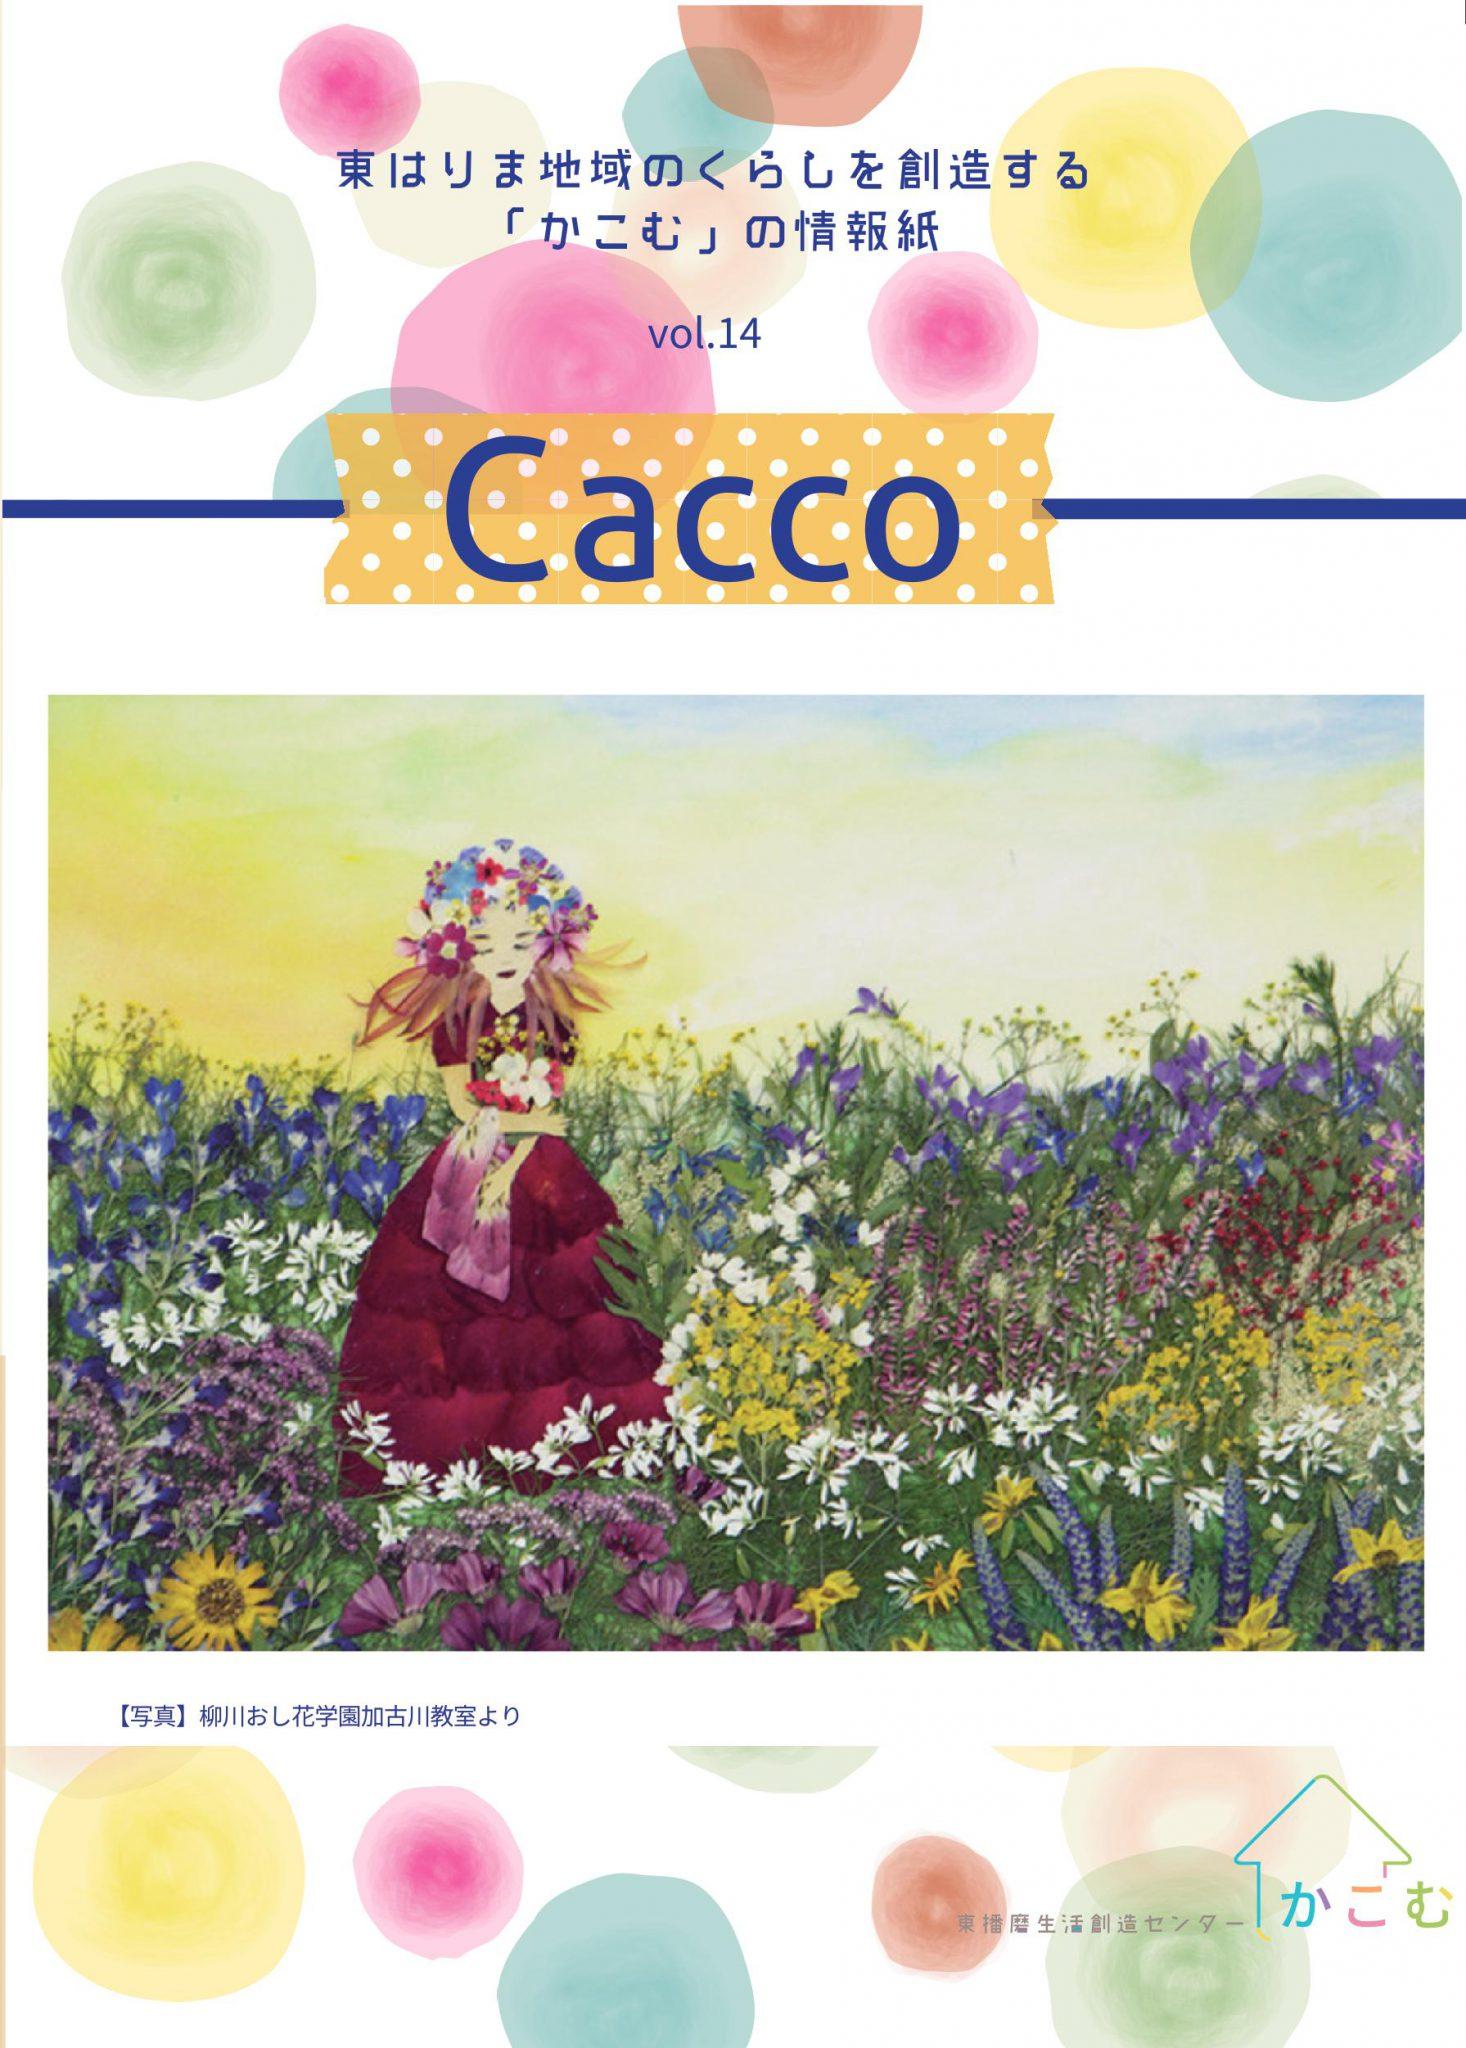 Cacco Vol 14